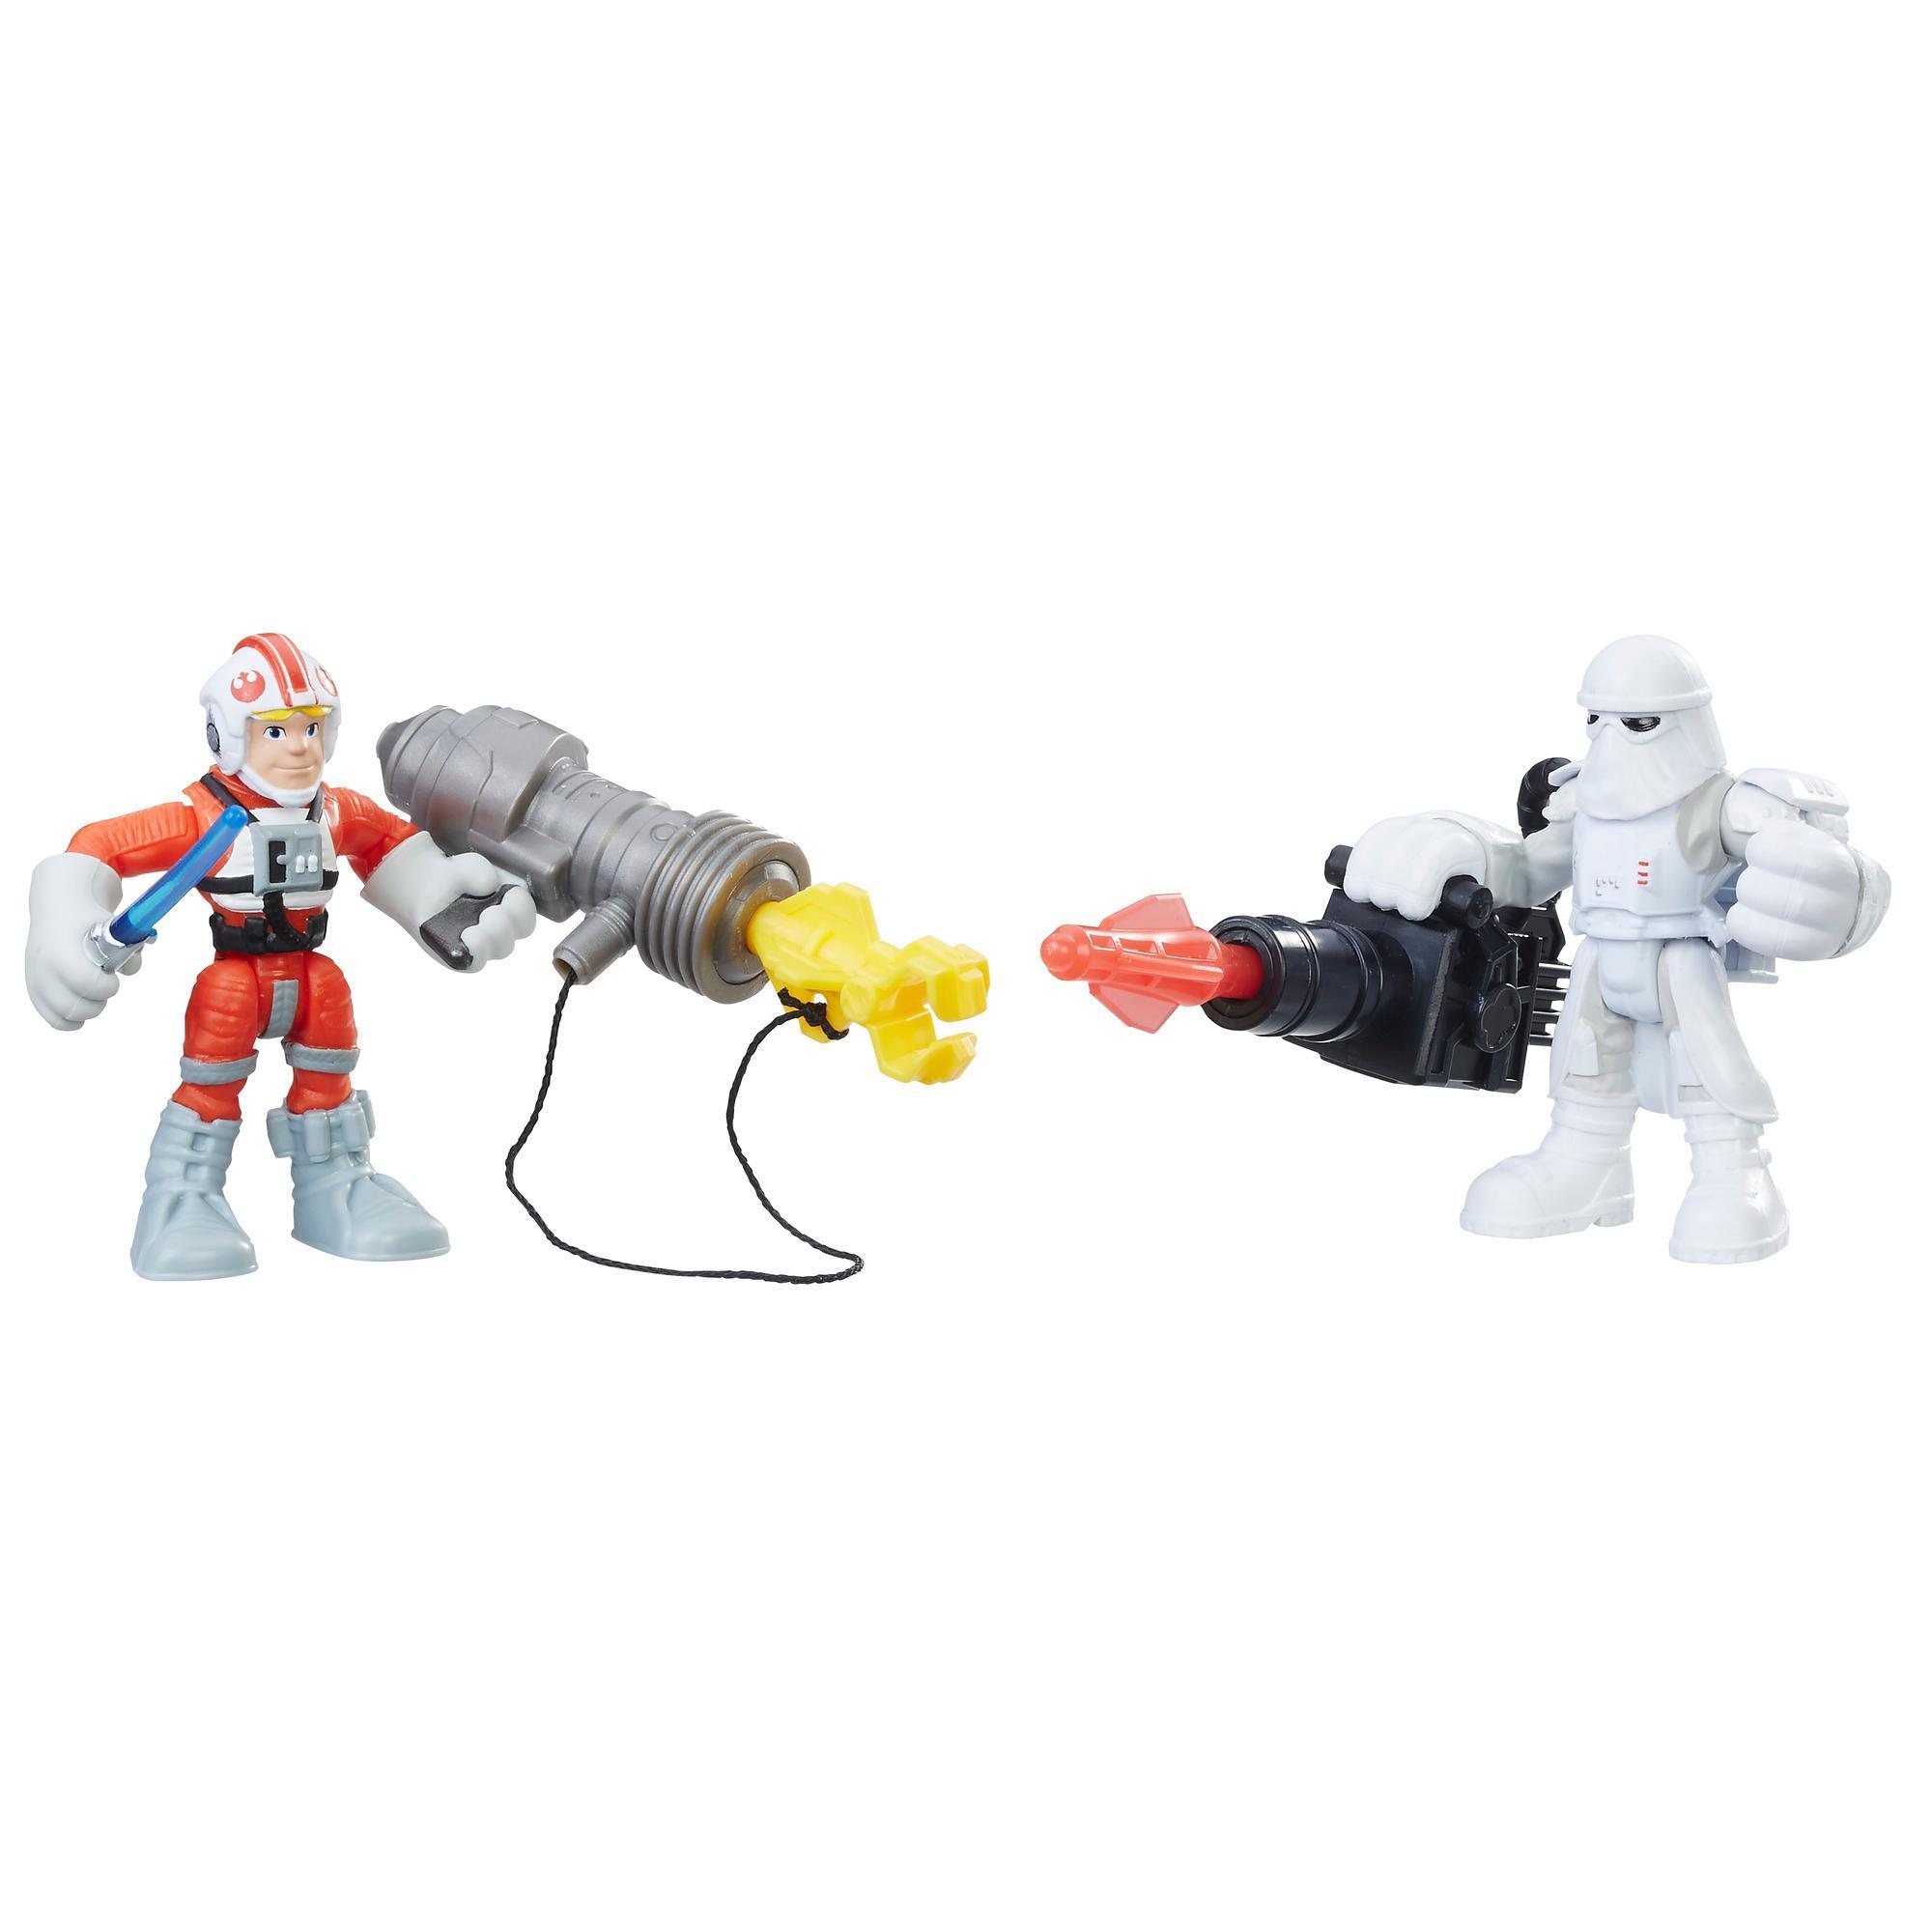 Star Wars Galactic Heroes Luke Skywalker and Snowtrooper